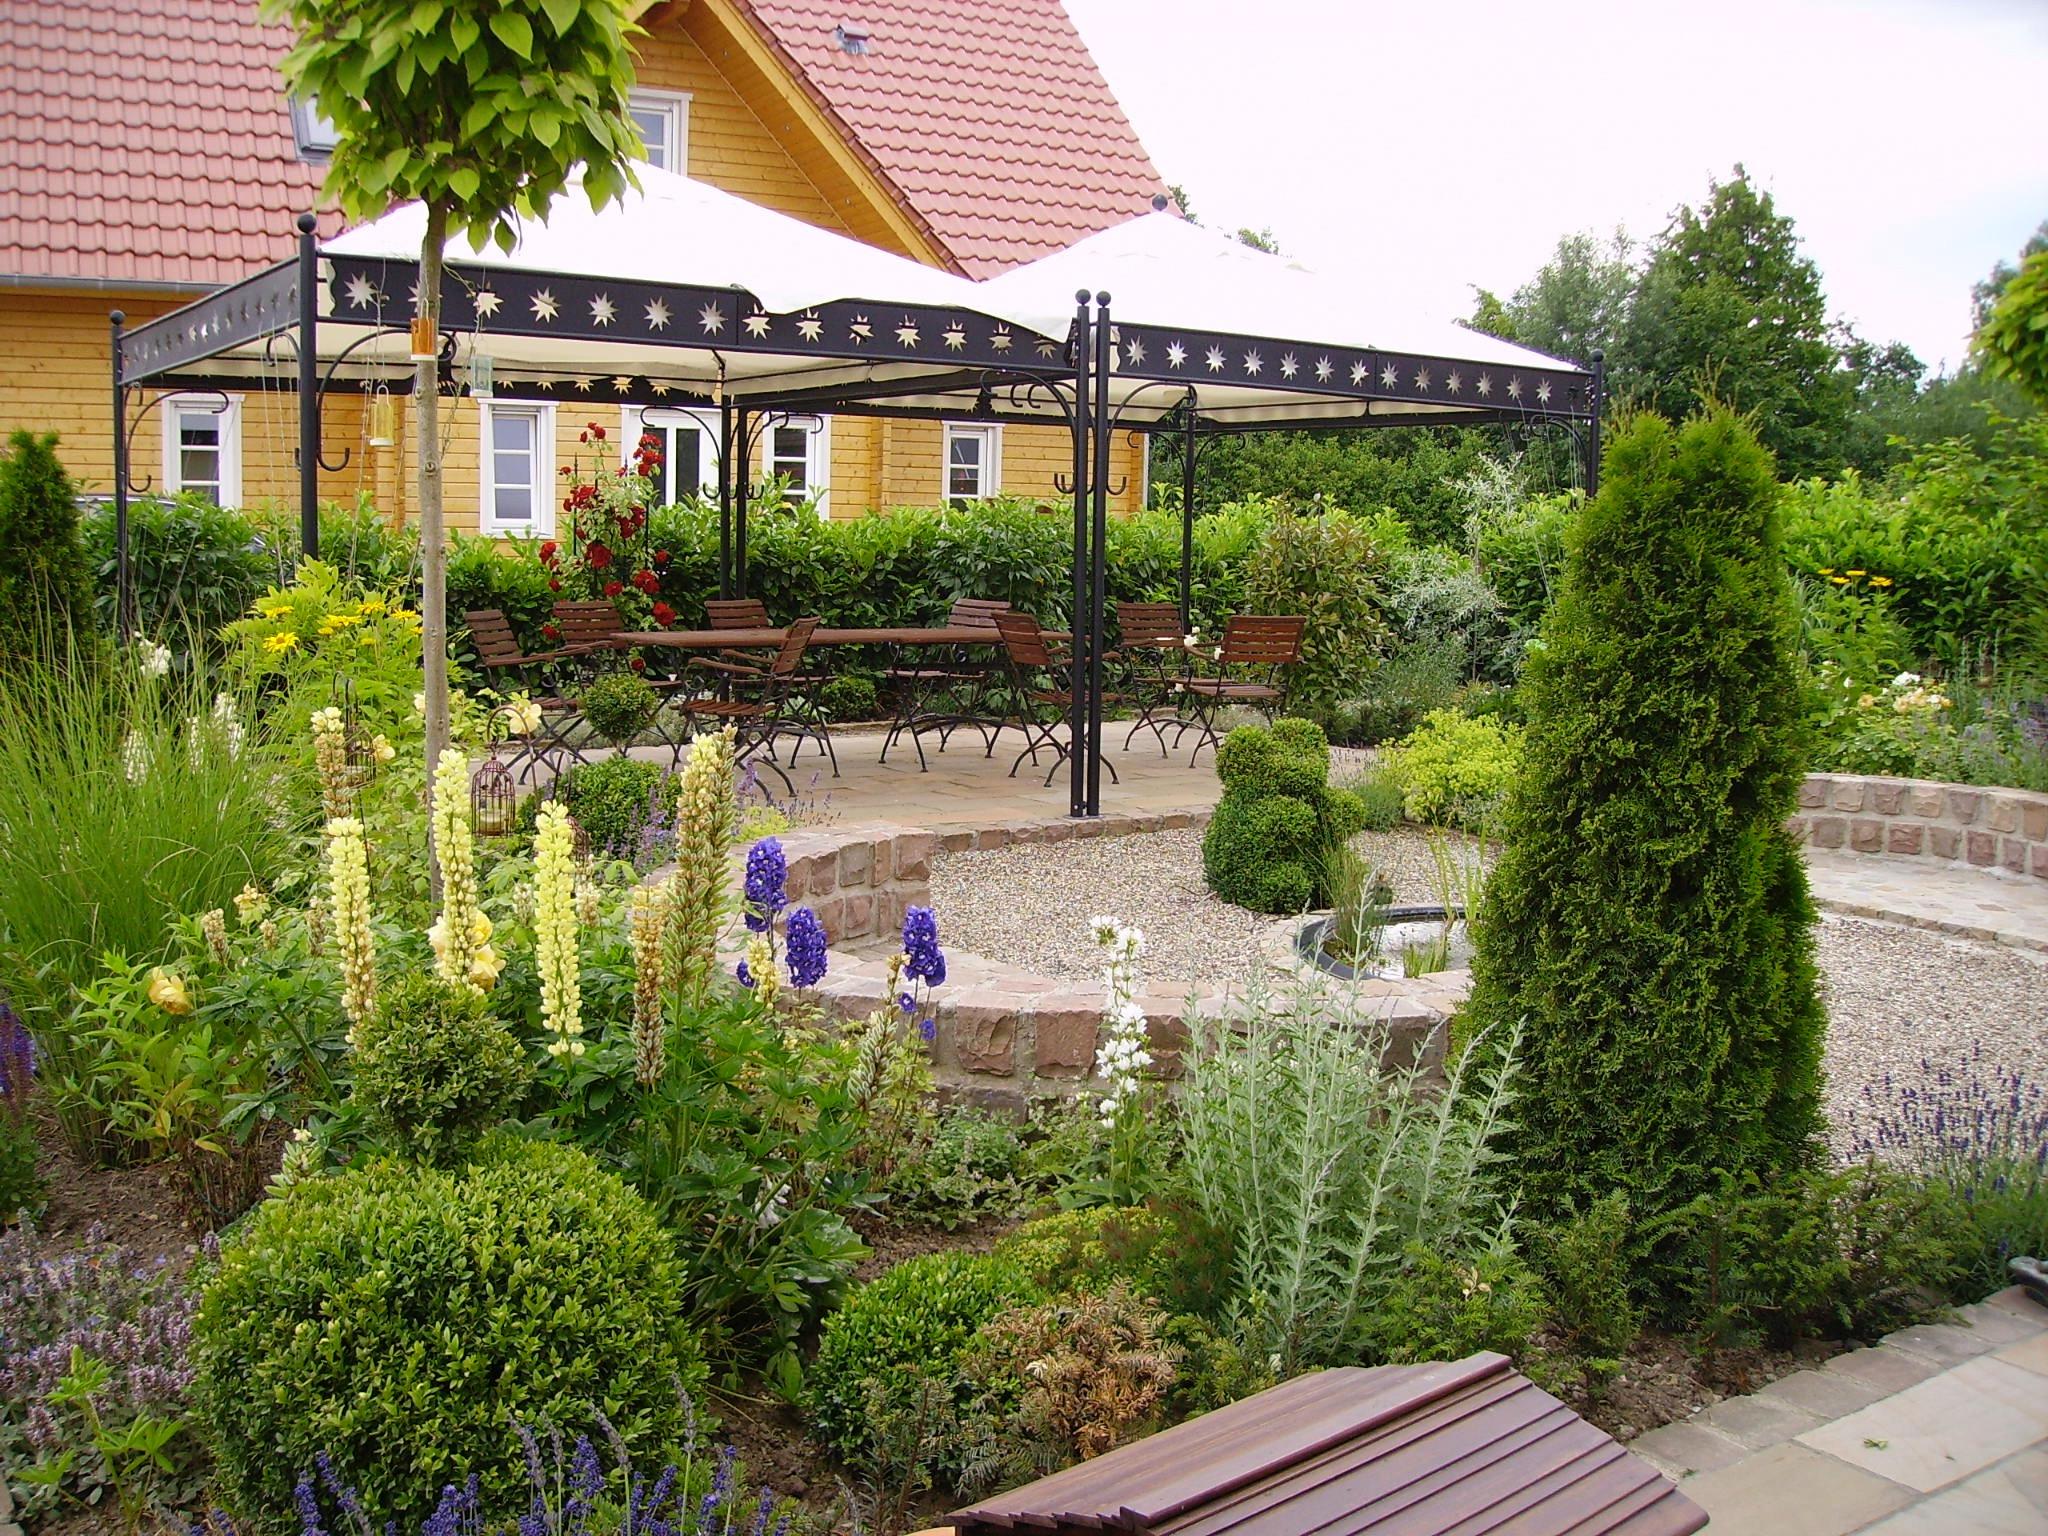 Kies- und Splittgarten 7